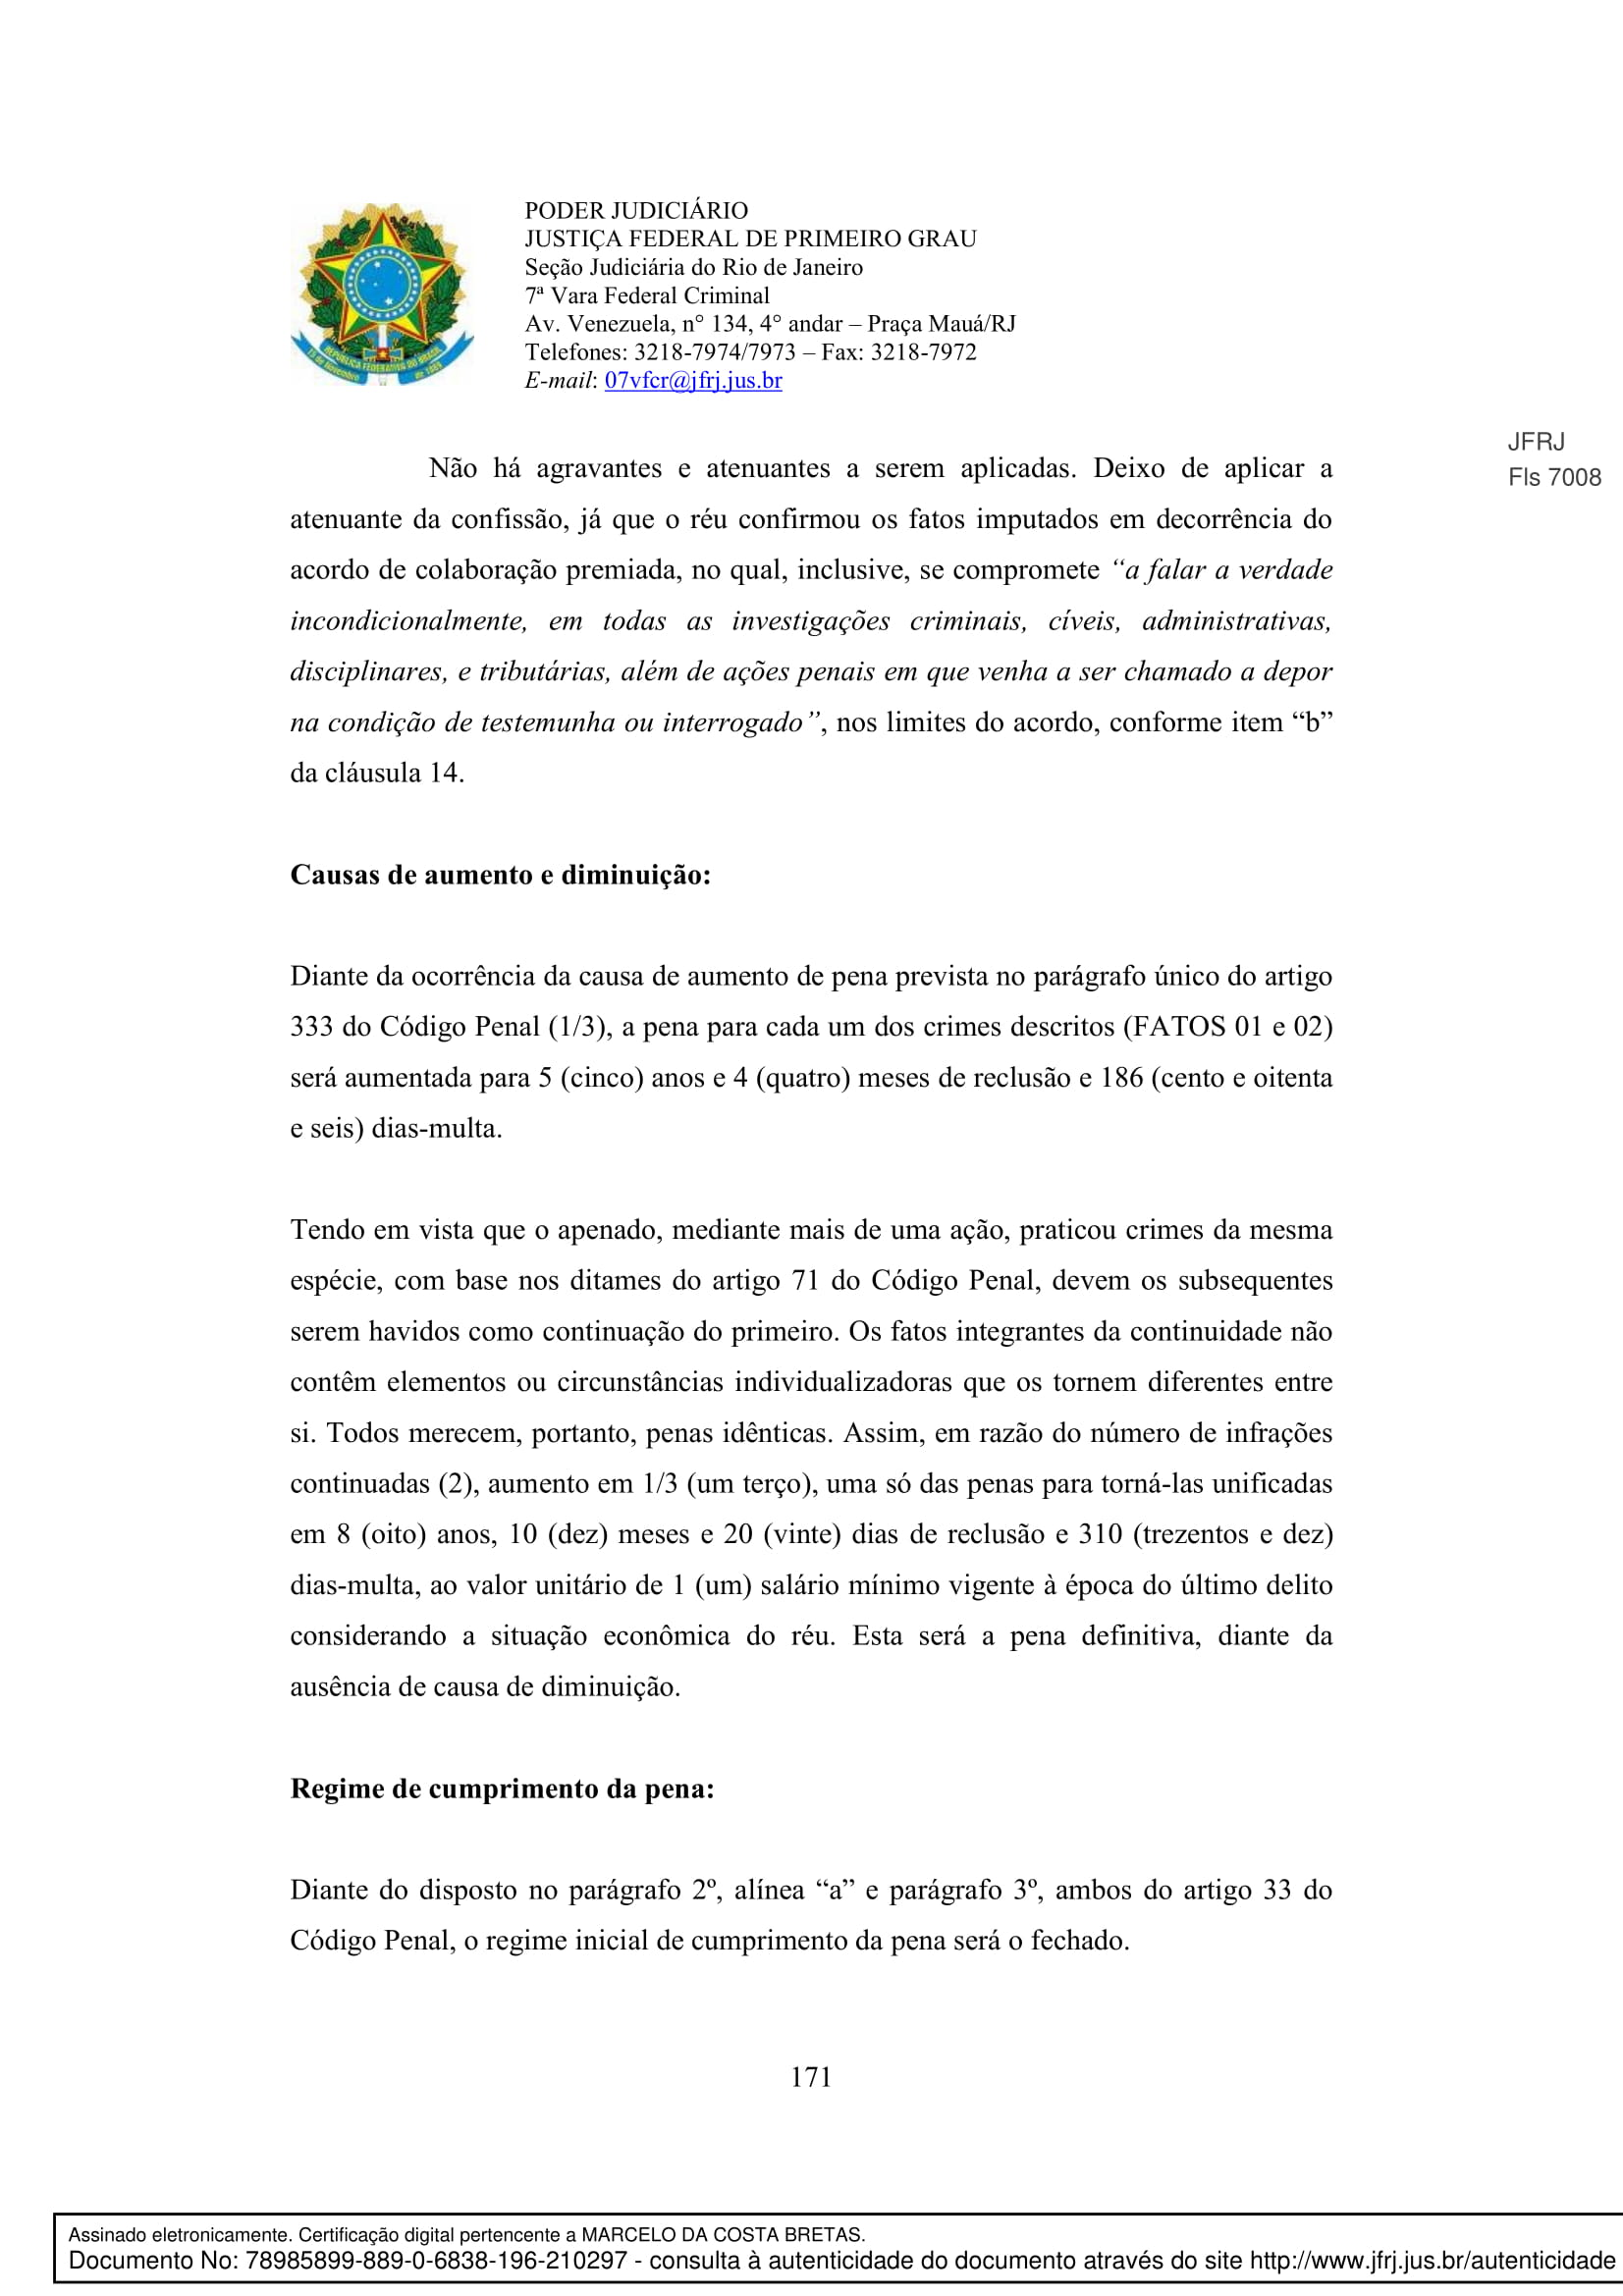 Sentenca-Cadeia-Velha-7VFC-171